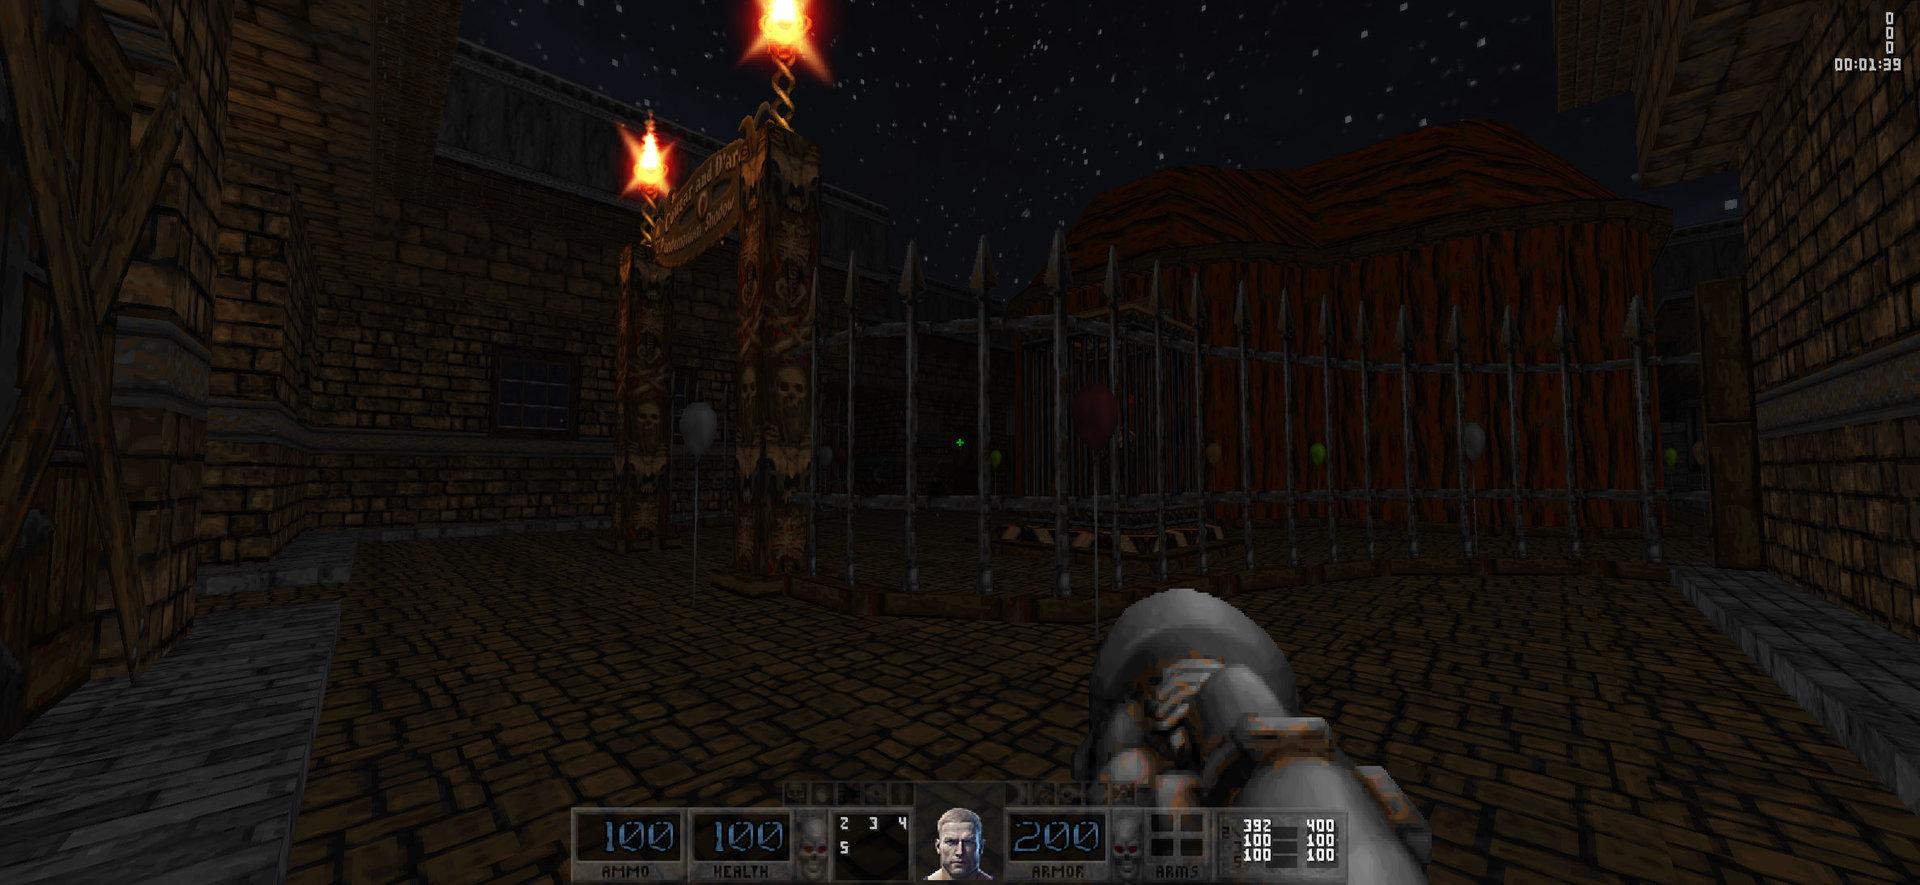 Screenshot_Doom_20200421_164005.jpg.6e5d82db200d22dfe6e8c6a7bfb3e5fc.jpg